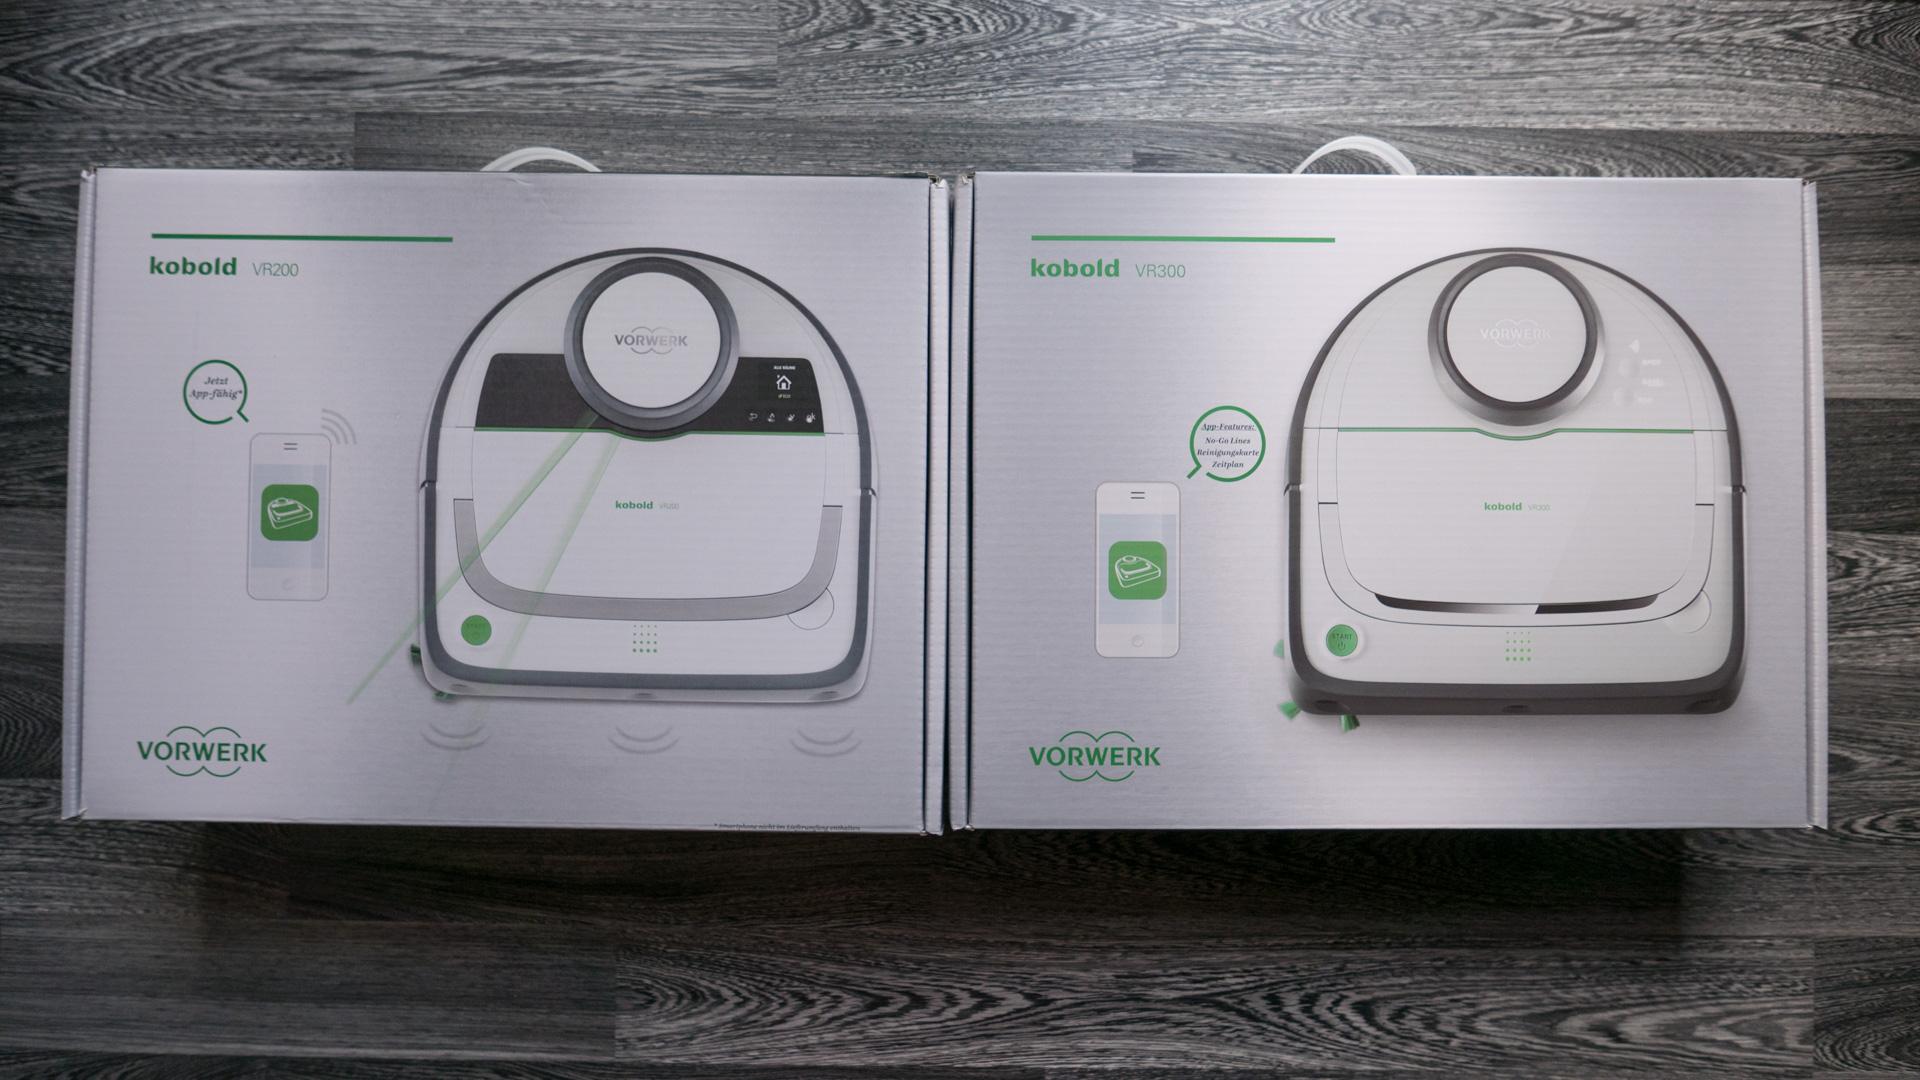 Vorwerk-VR200-VR300-Vergleich-6